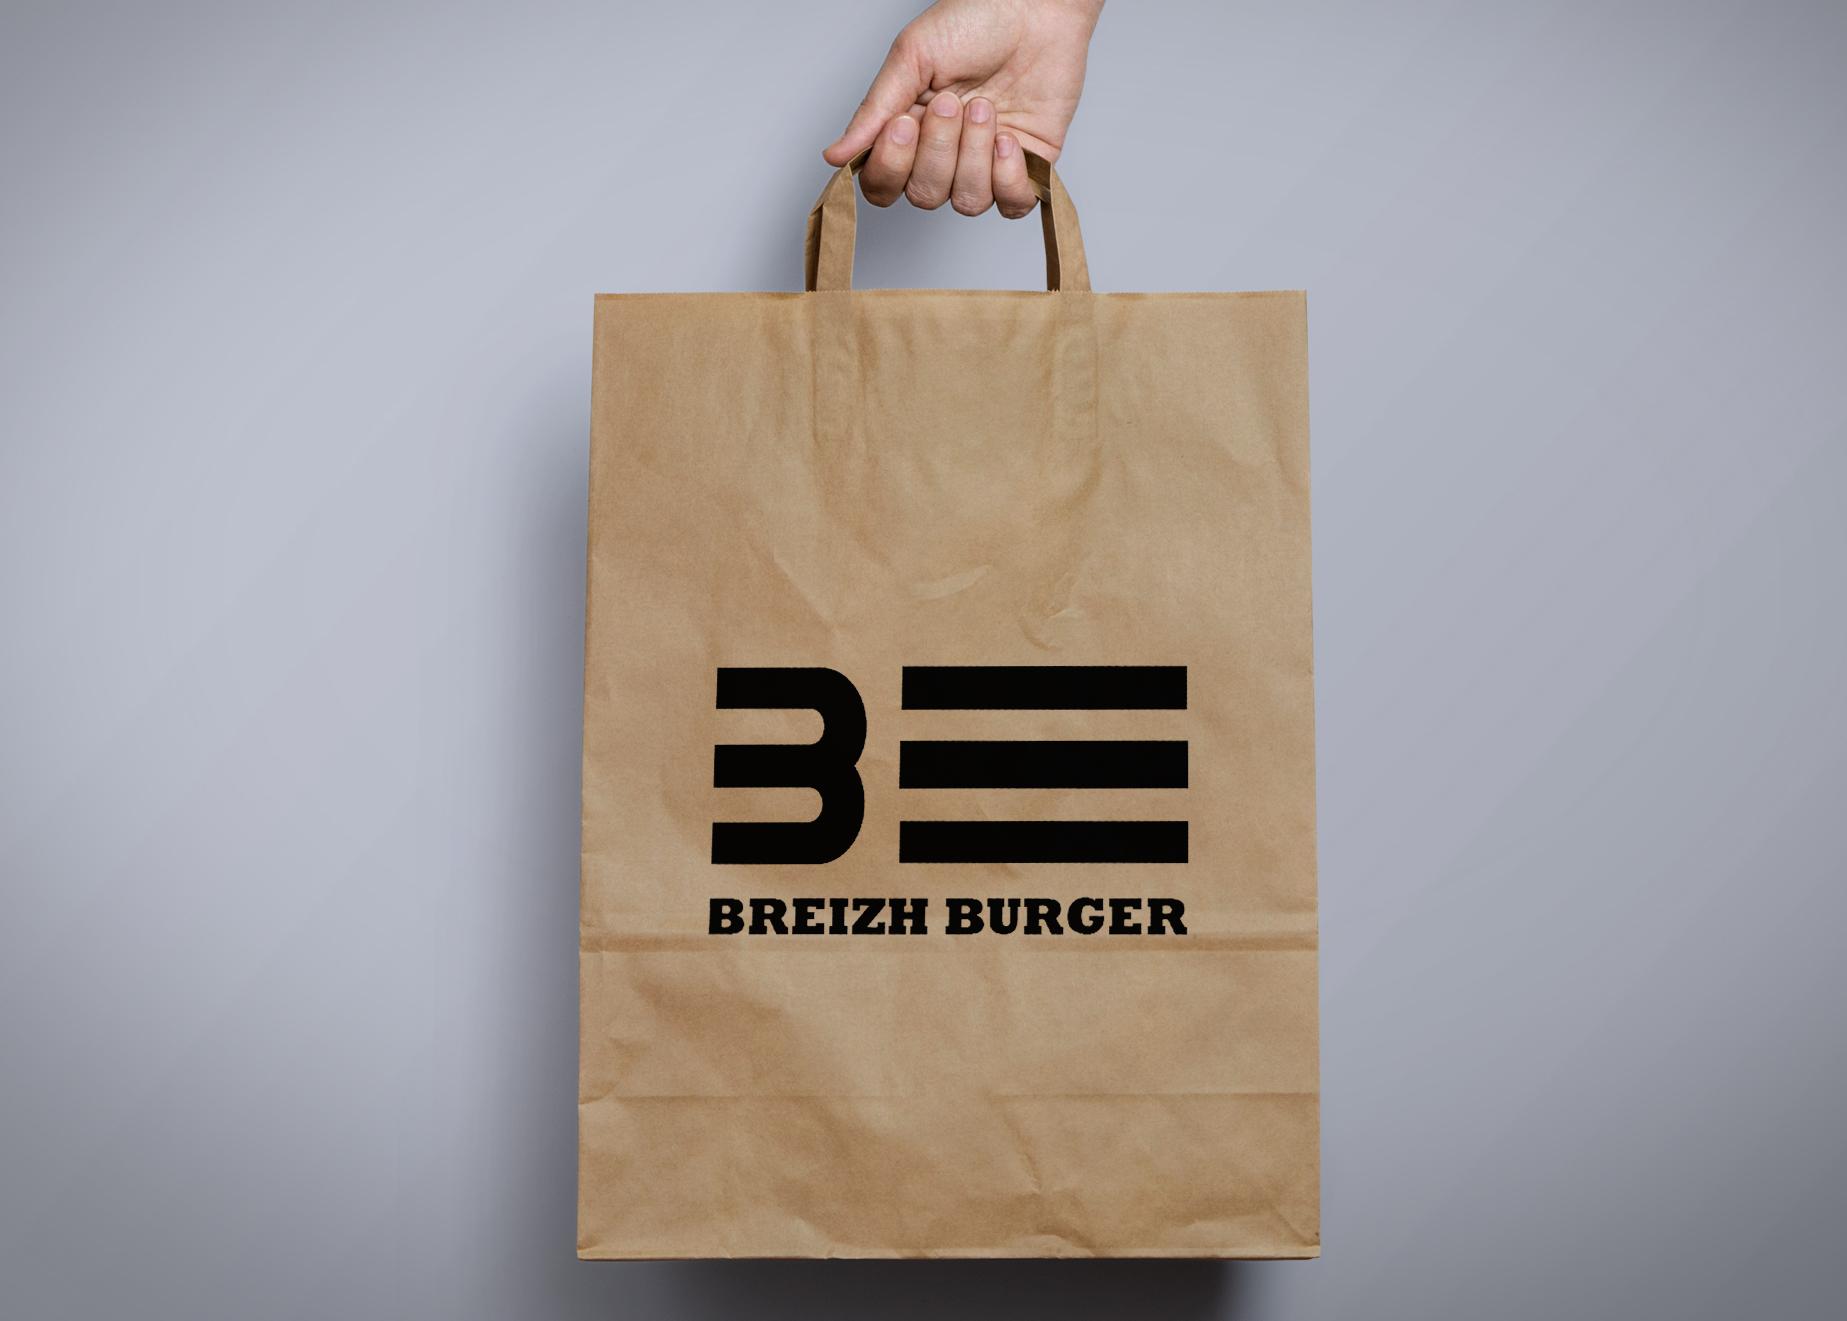 breizhburger02